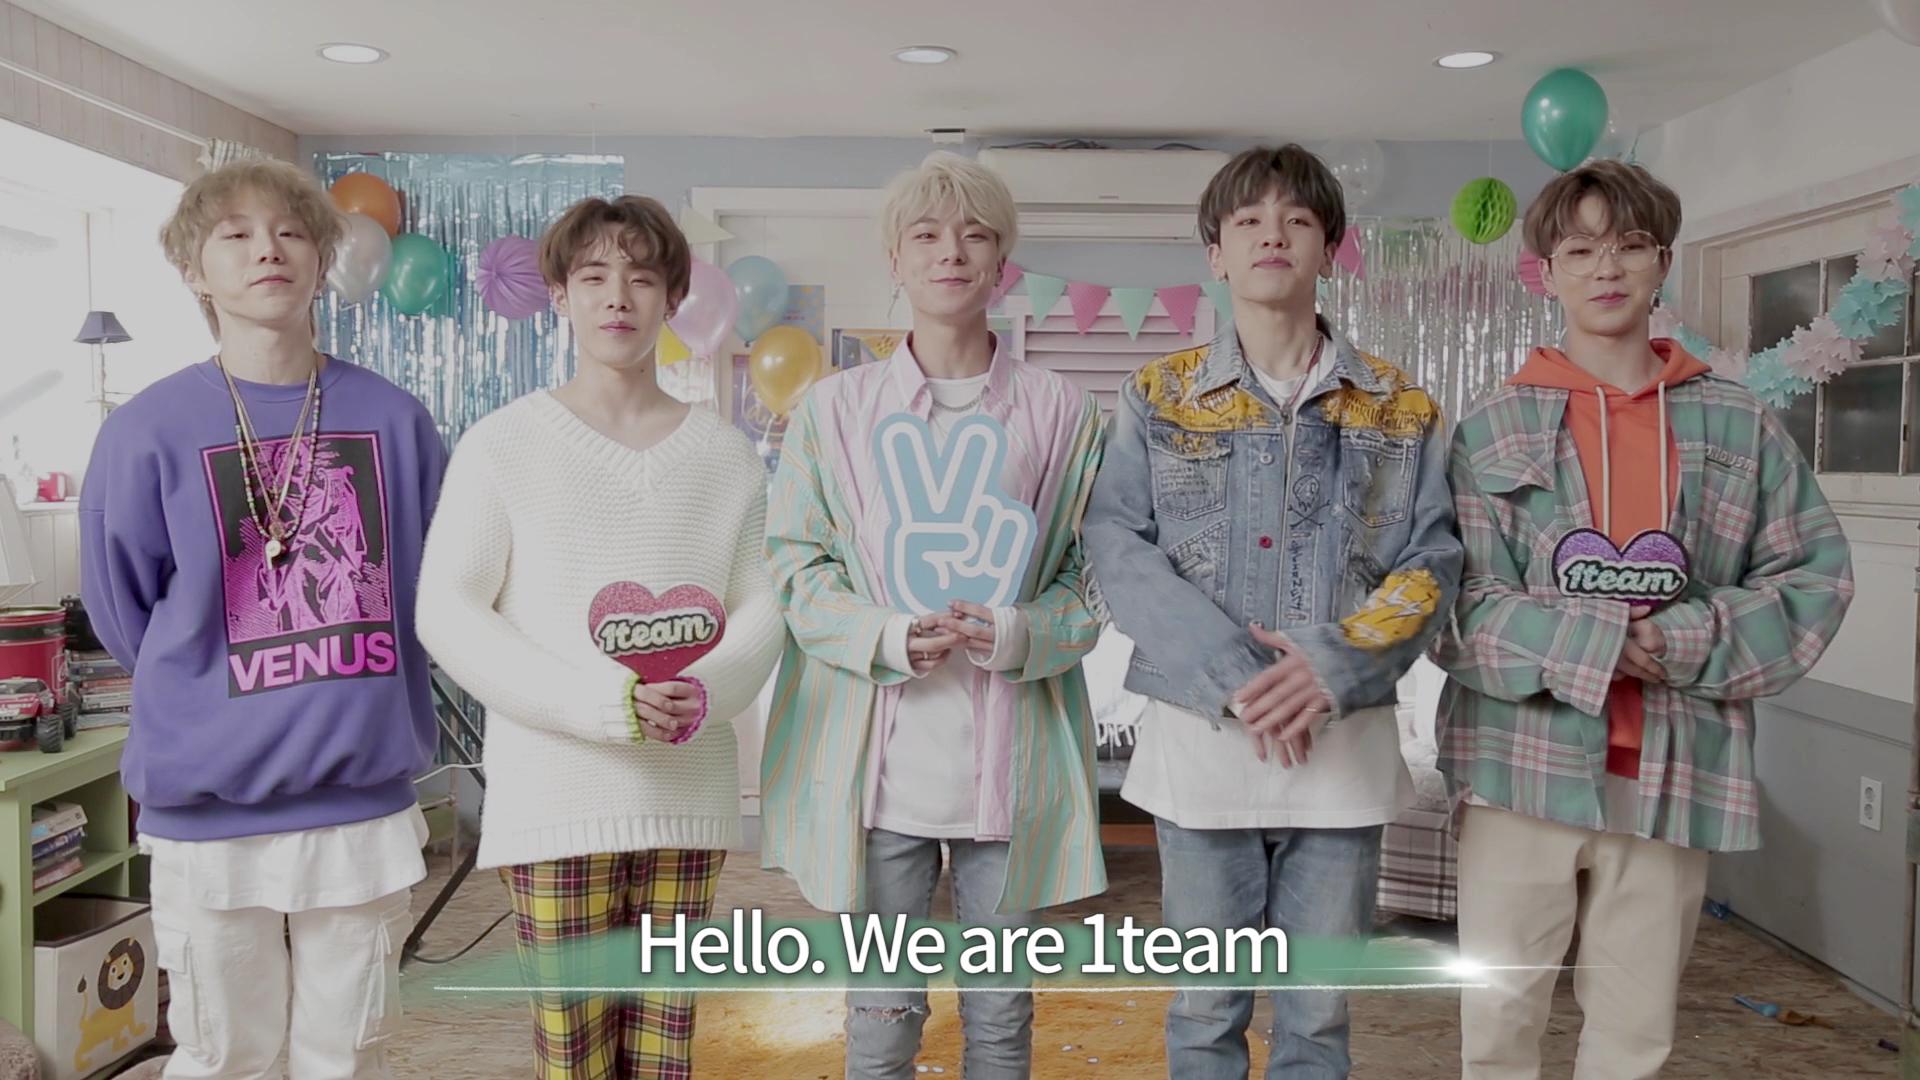 [♥ Mission] 1TEAM의 하트 미션! 천만하트를 부탁해♥